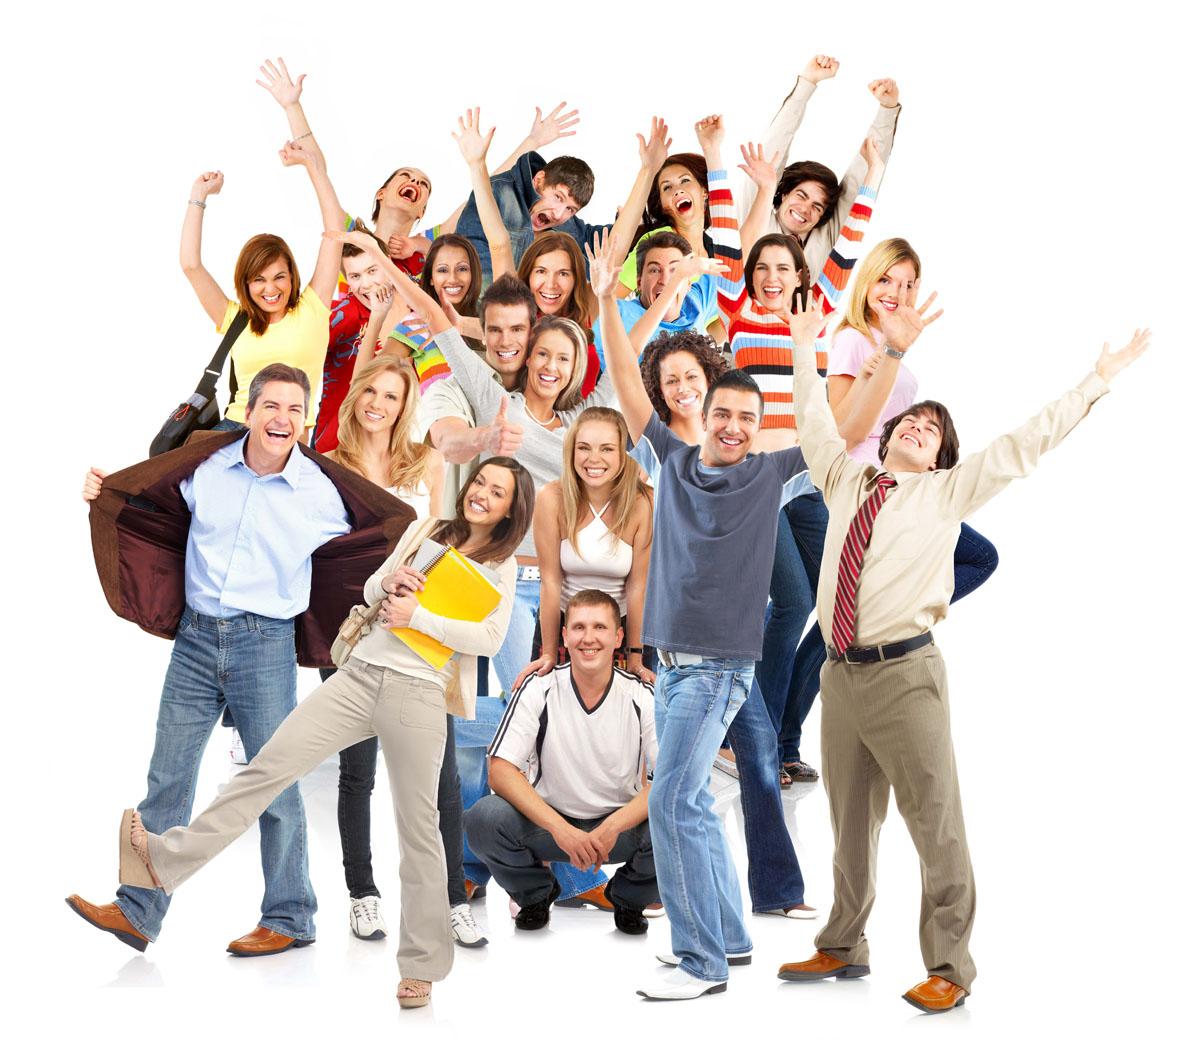 Рольшторы Радостные люди, дизайн #06073